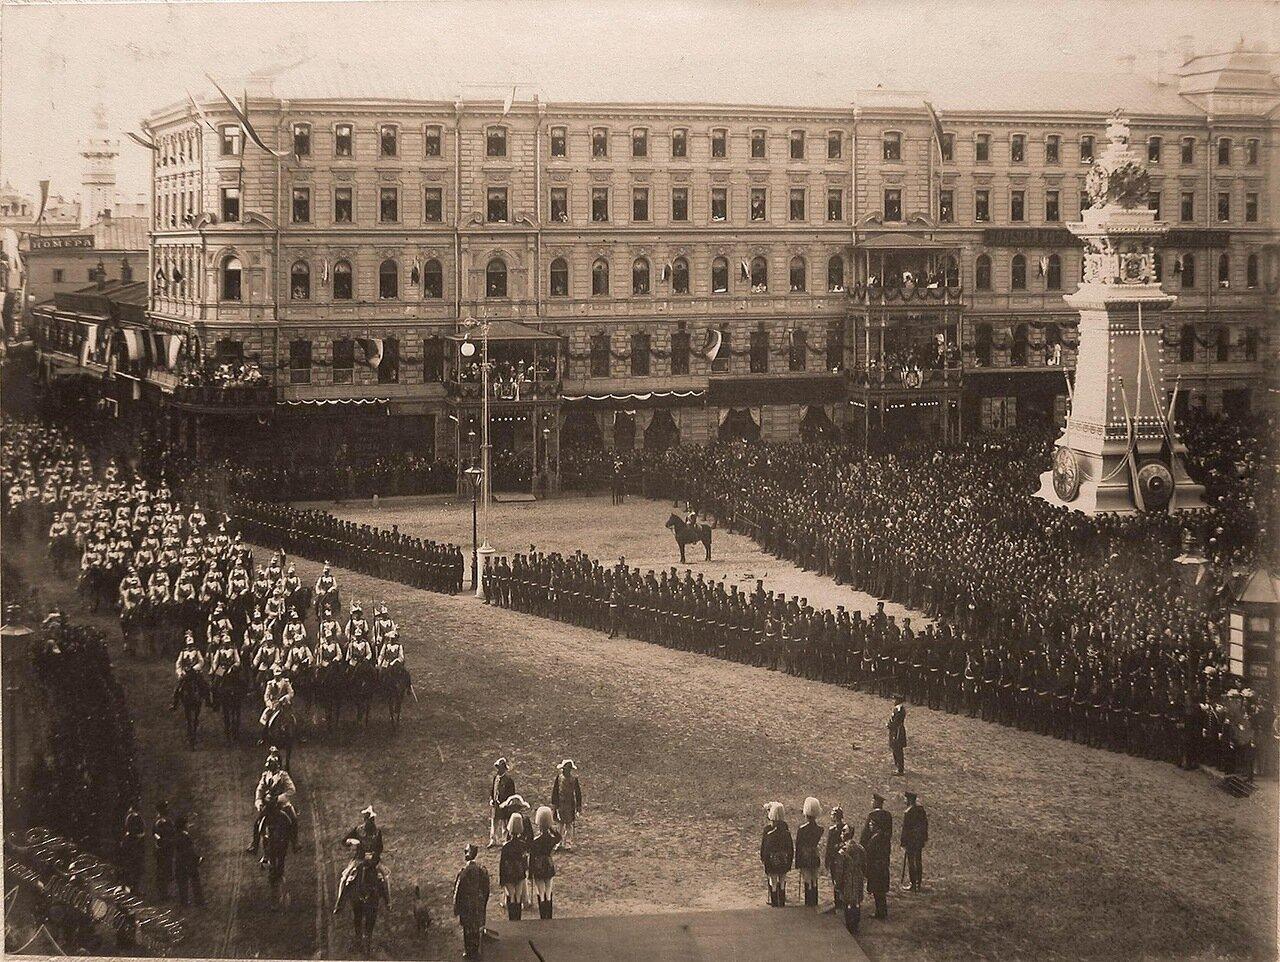 Прохождение конных полков по Воскресенской площади в день торжественного въезда императора Николая II и императрицы Александры Фёдоровны в Москву